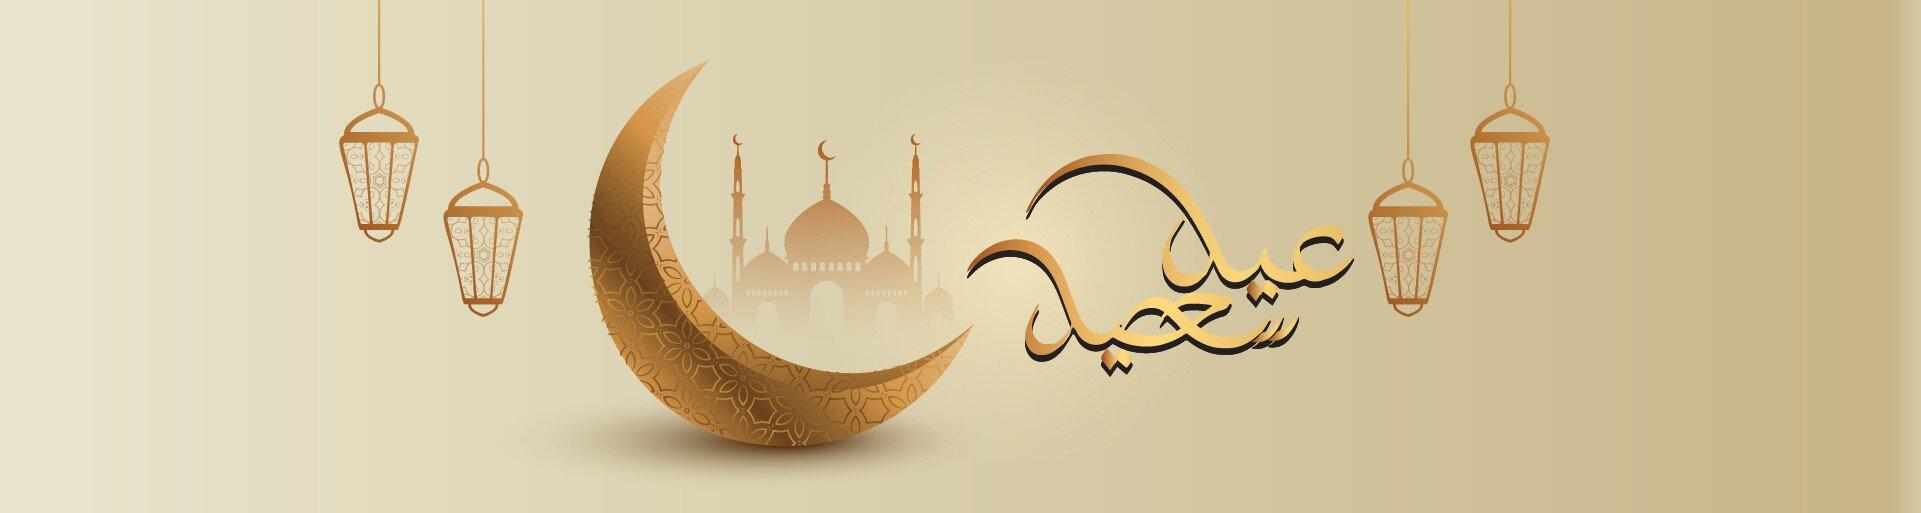 Eid al adha 2021 AE